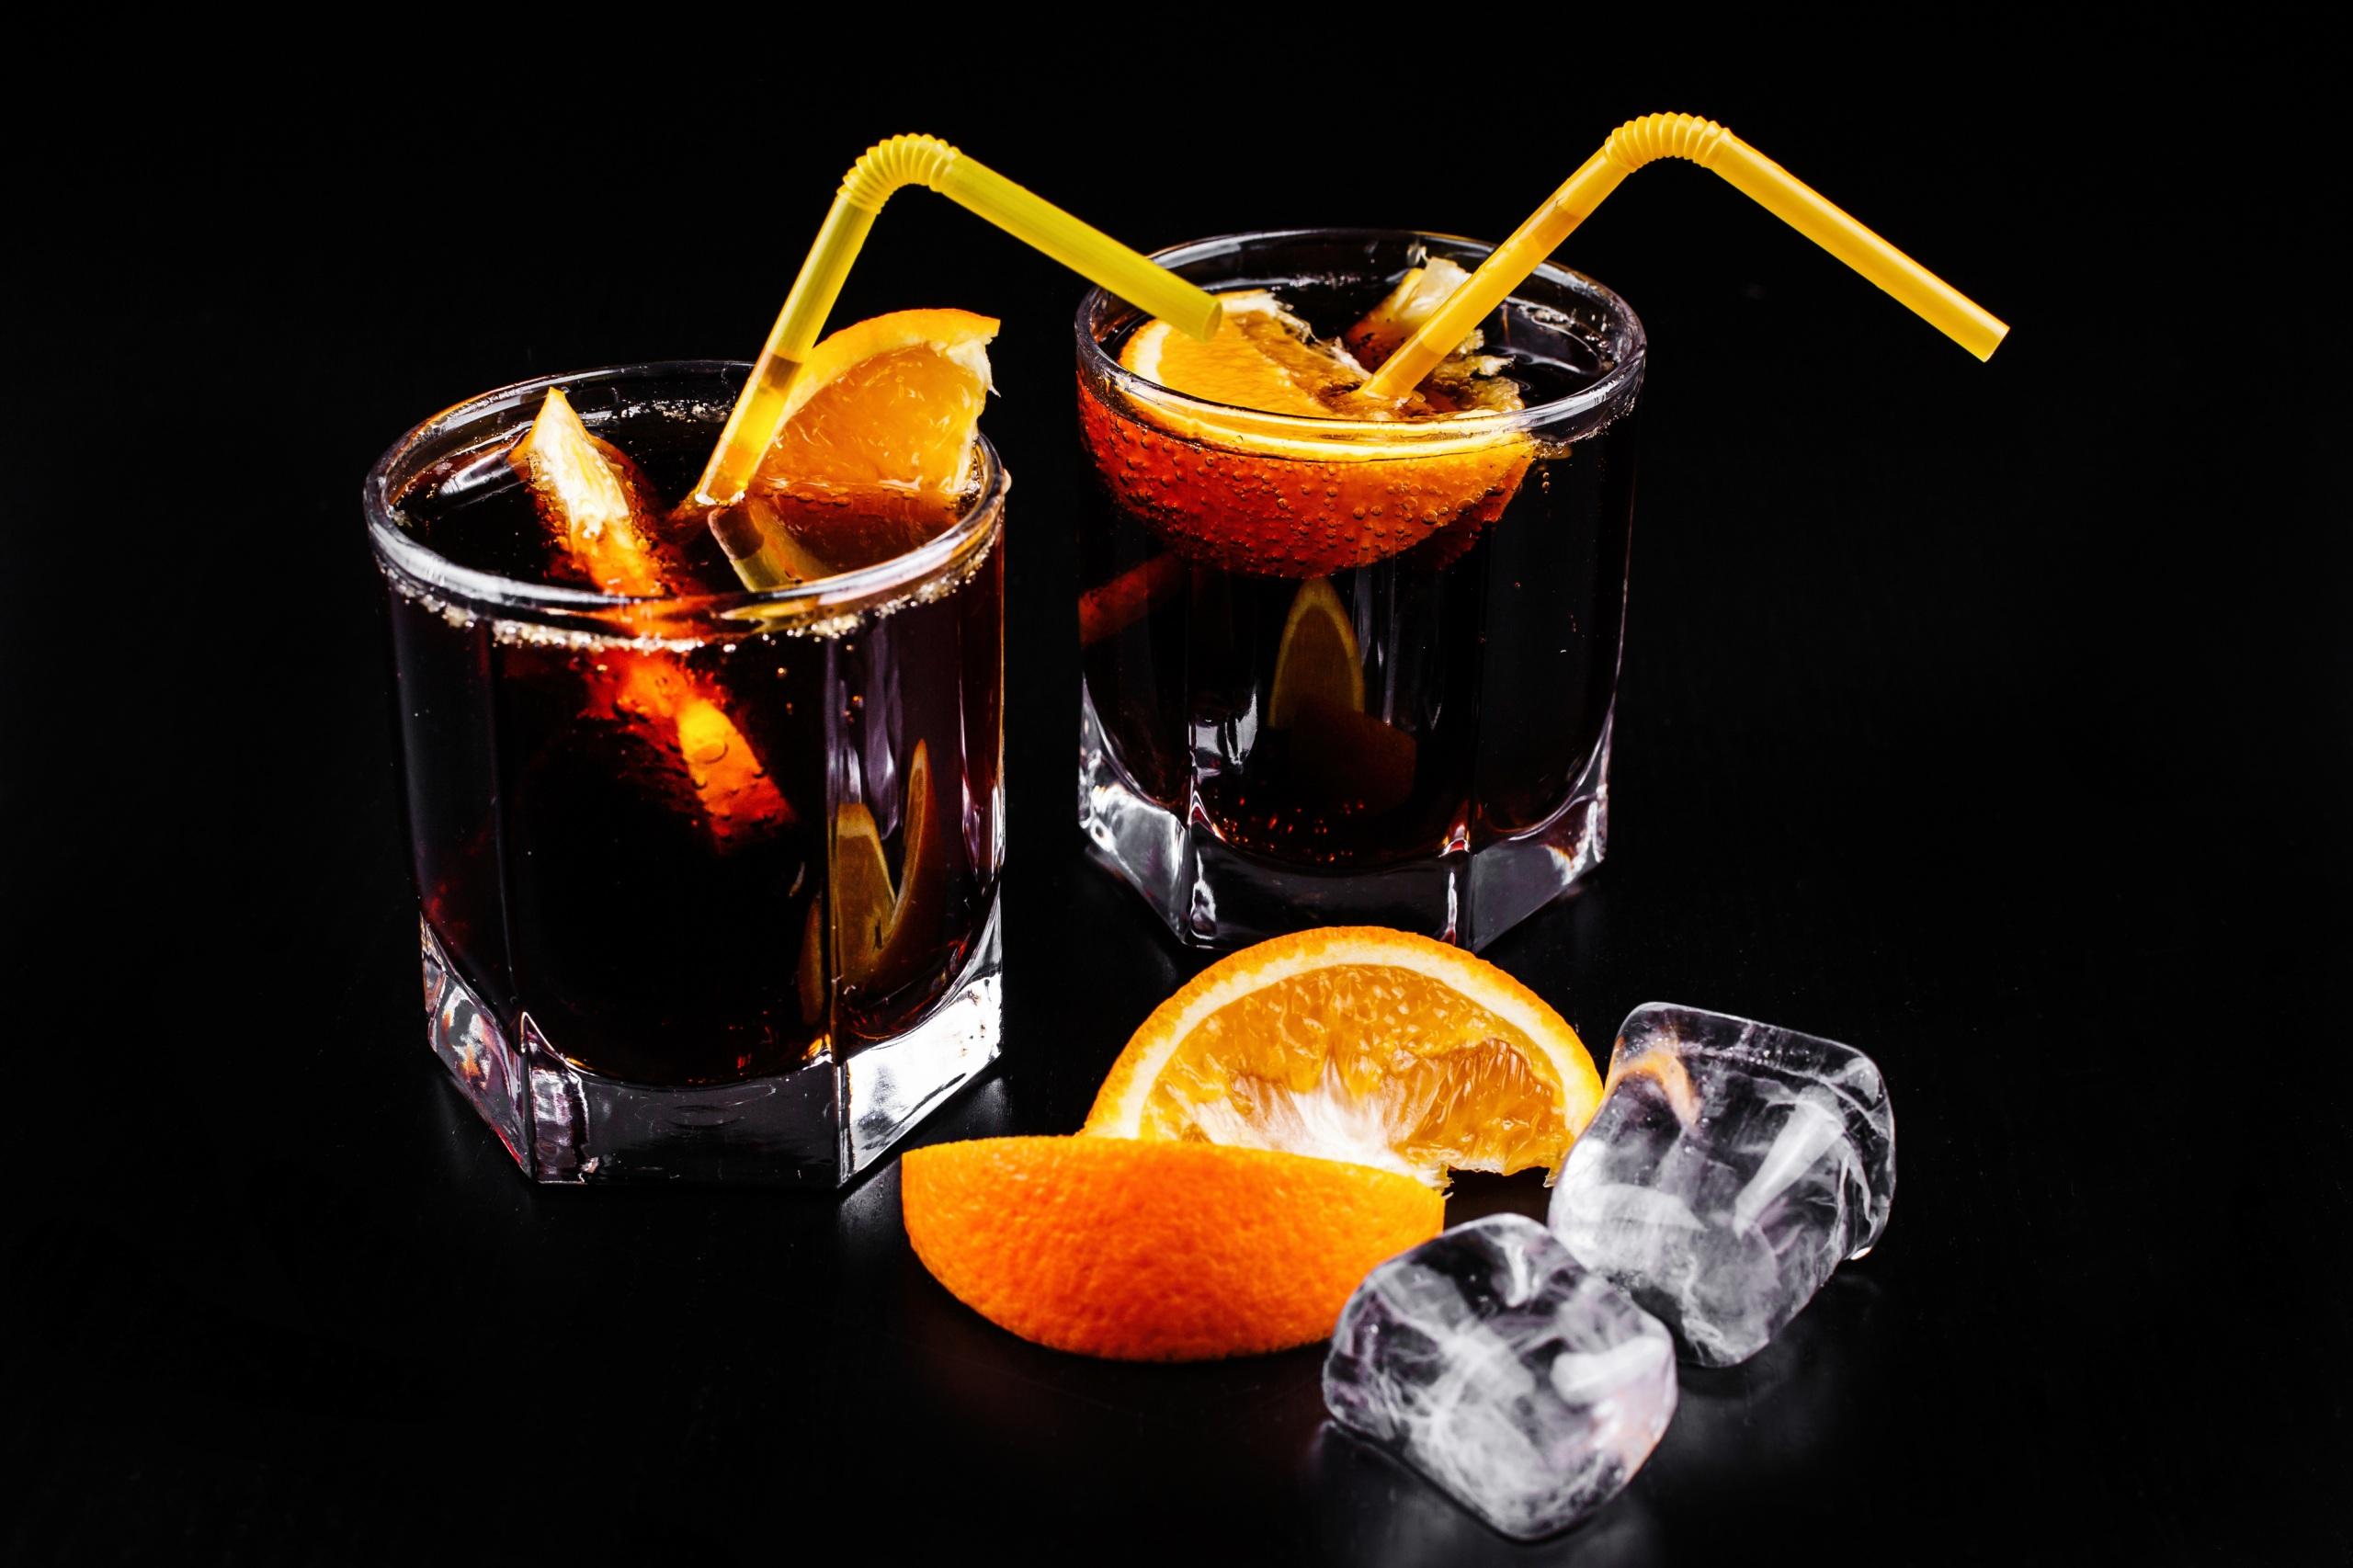 Обои для рабочего стола Алкогольные напитки Лед Двое Апельсин стакане Пища Коктейль на черном фоне 2560x1706 льда 2 два две вдвоем Стакан стакана Еда Продукты питания Черный фон